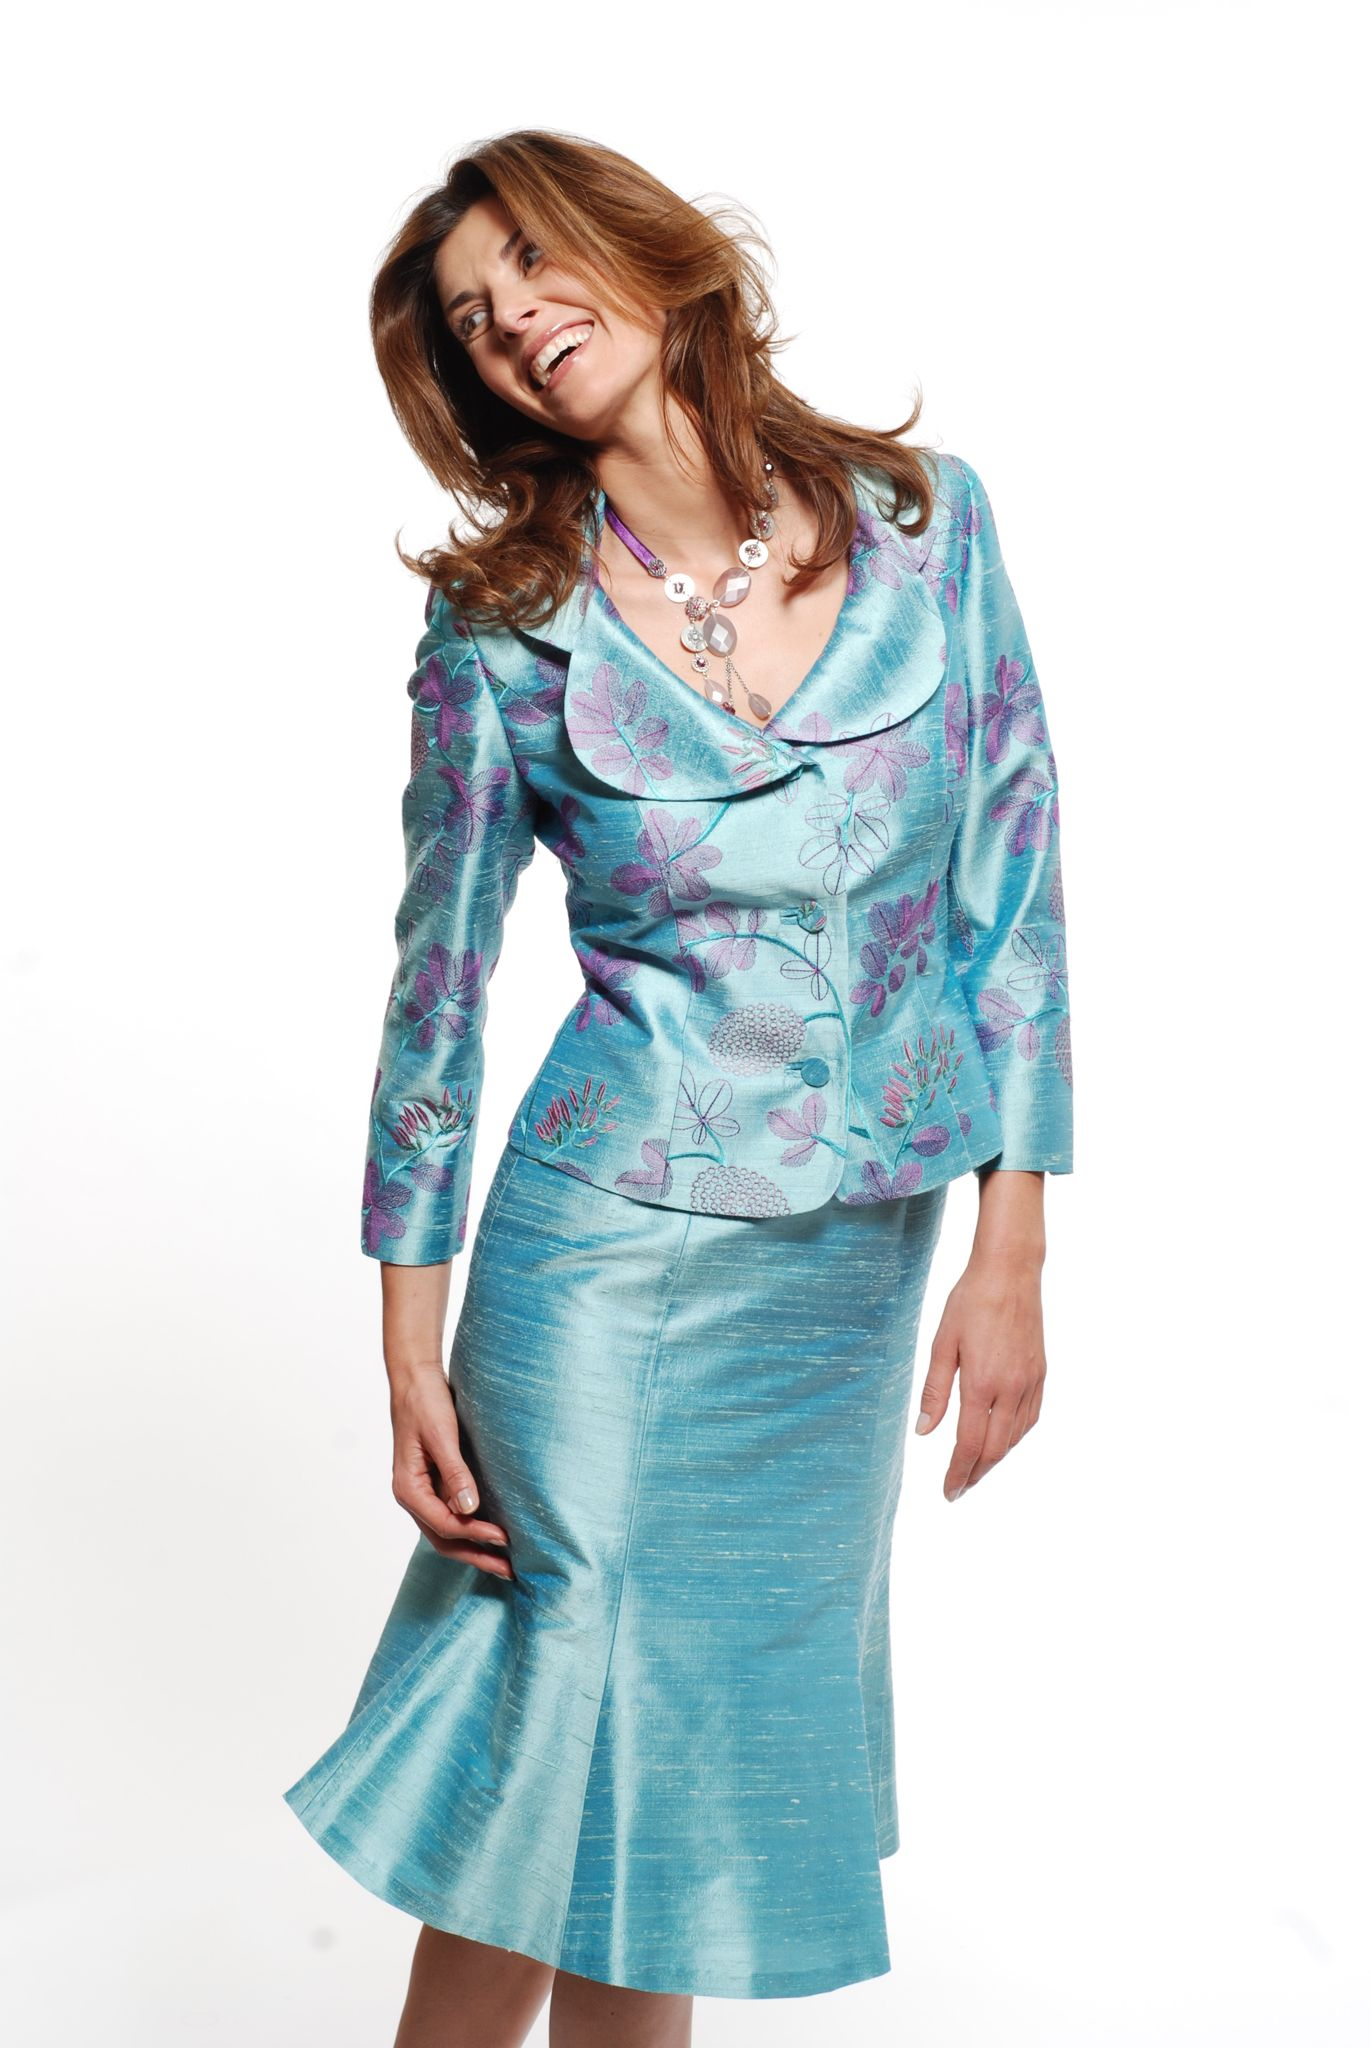 50% Off... Paule Vasseur Dress & Jacket, Style: BC-CAM-SOR, colour 418 Lagon. (Size 12, & size 20)